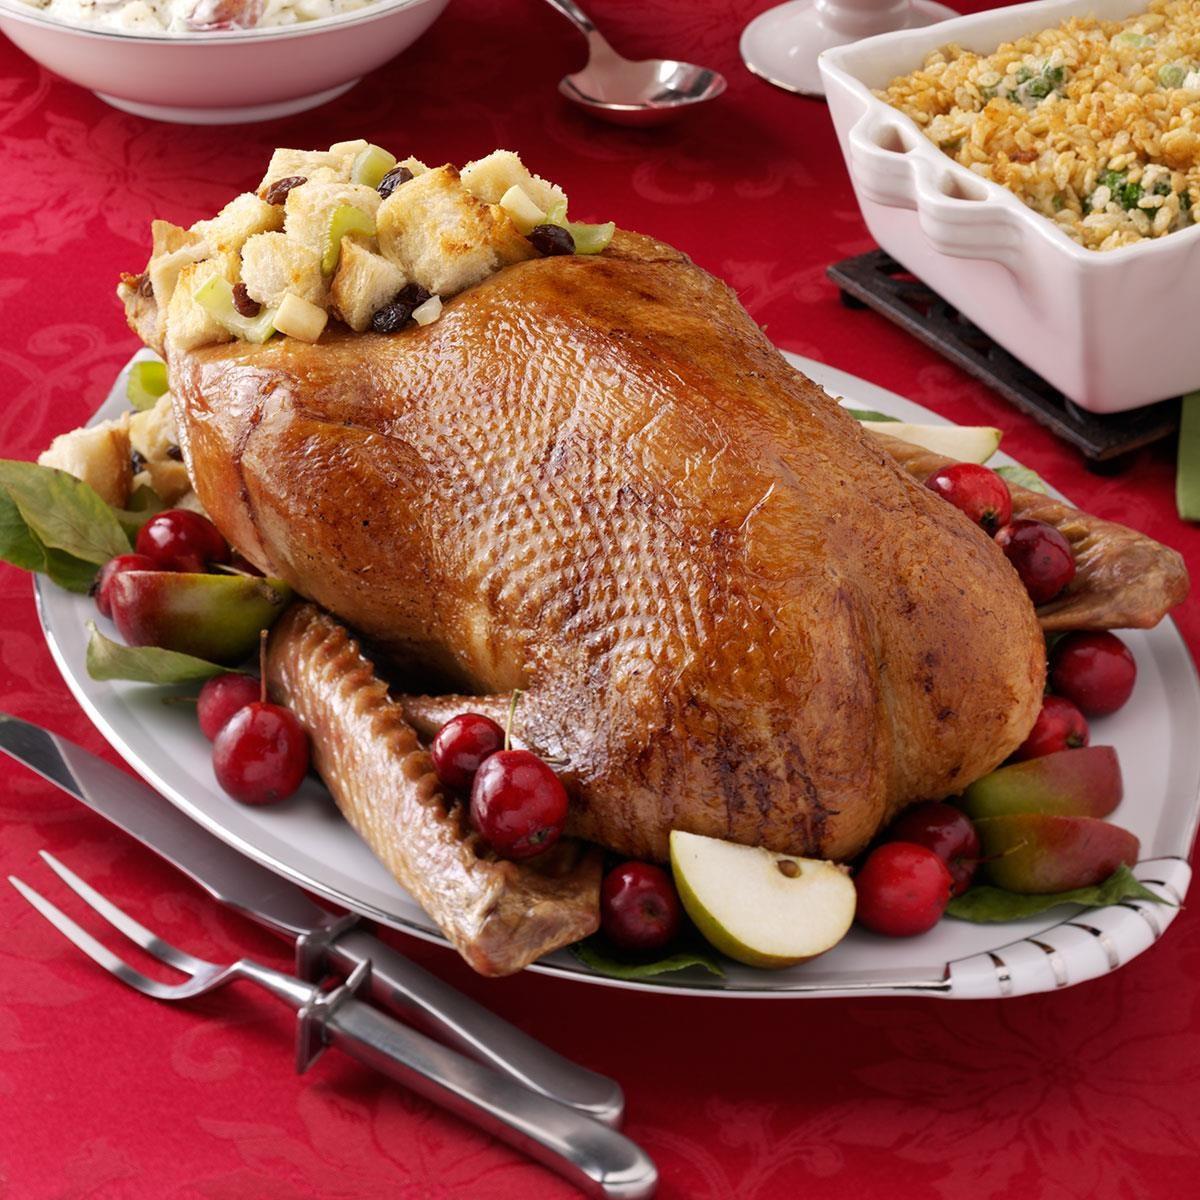 Test Kitchen Turkey Roast